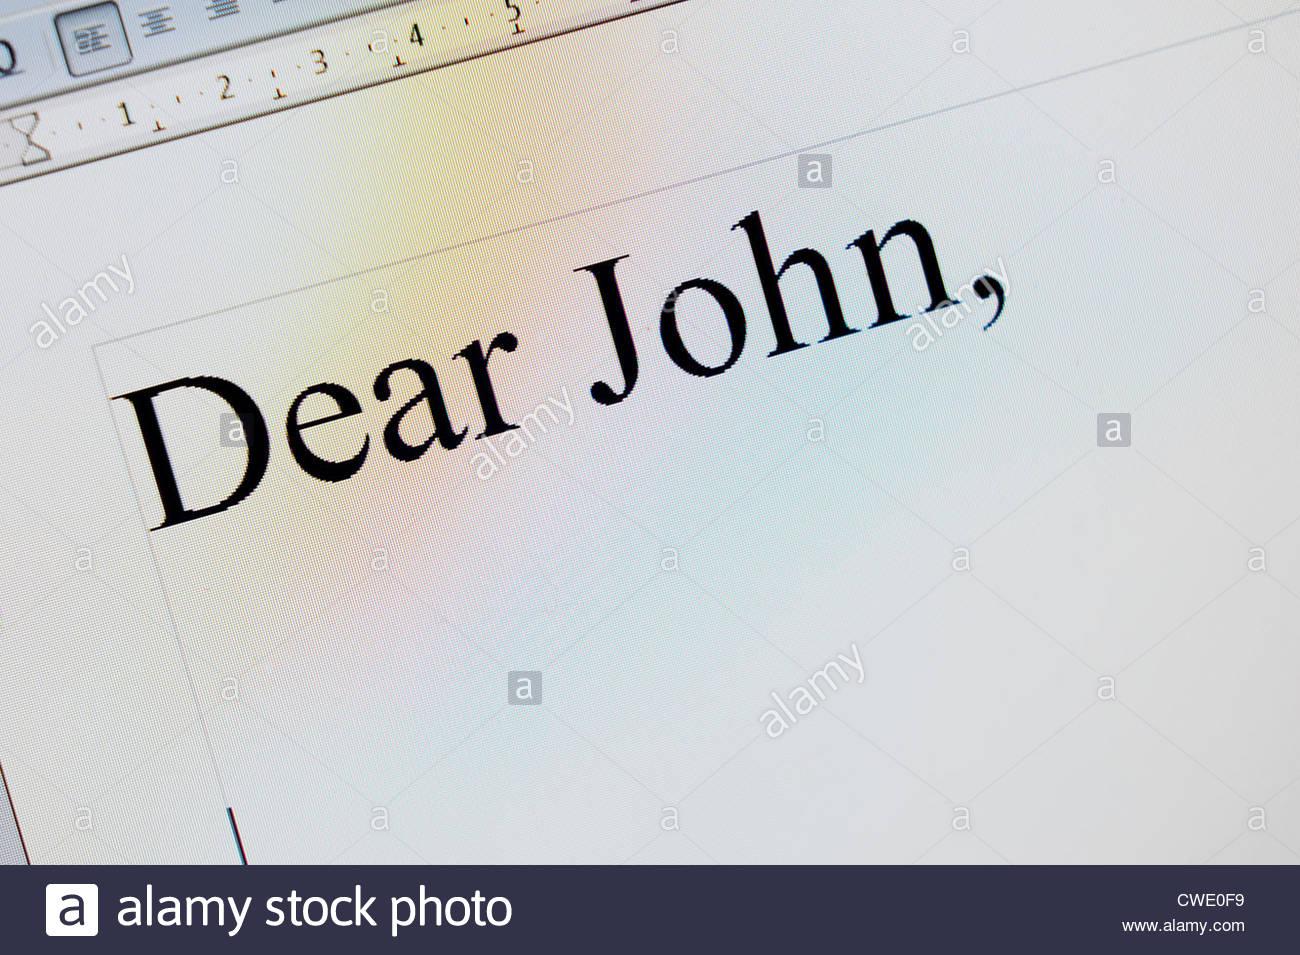 Dear John Letter - Stock Image